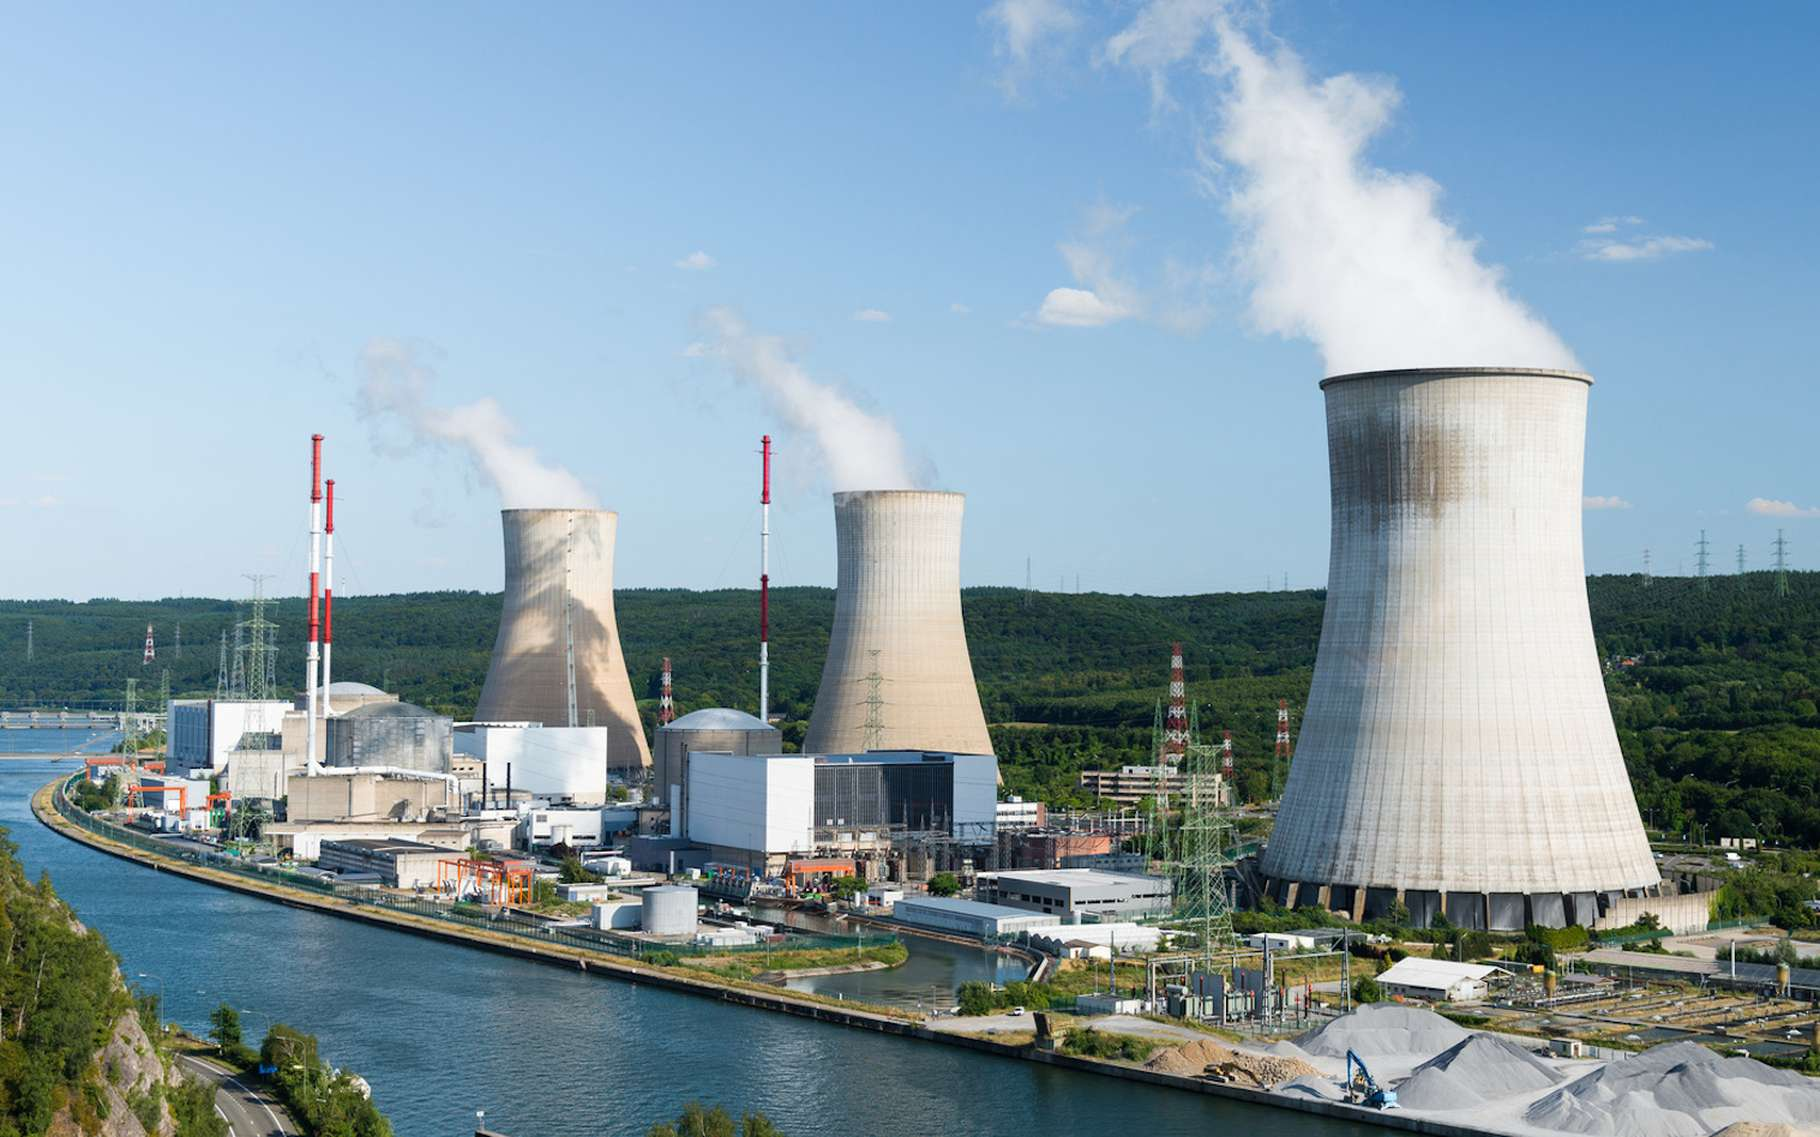 L'énergie nucléaire n'est ni une énergie fossile ni une énergie renouvelable. Simplement une énergie décarbonée. Par ailleurs, la question des déchets nucléaires pose également problème. Ici, les tours aéroréfrigérantes d'une centrale nucléaire. © jotily, Fotolia